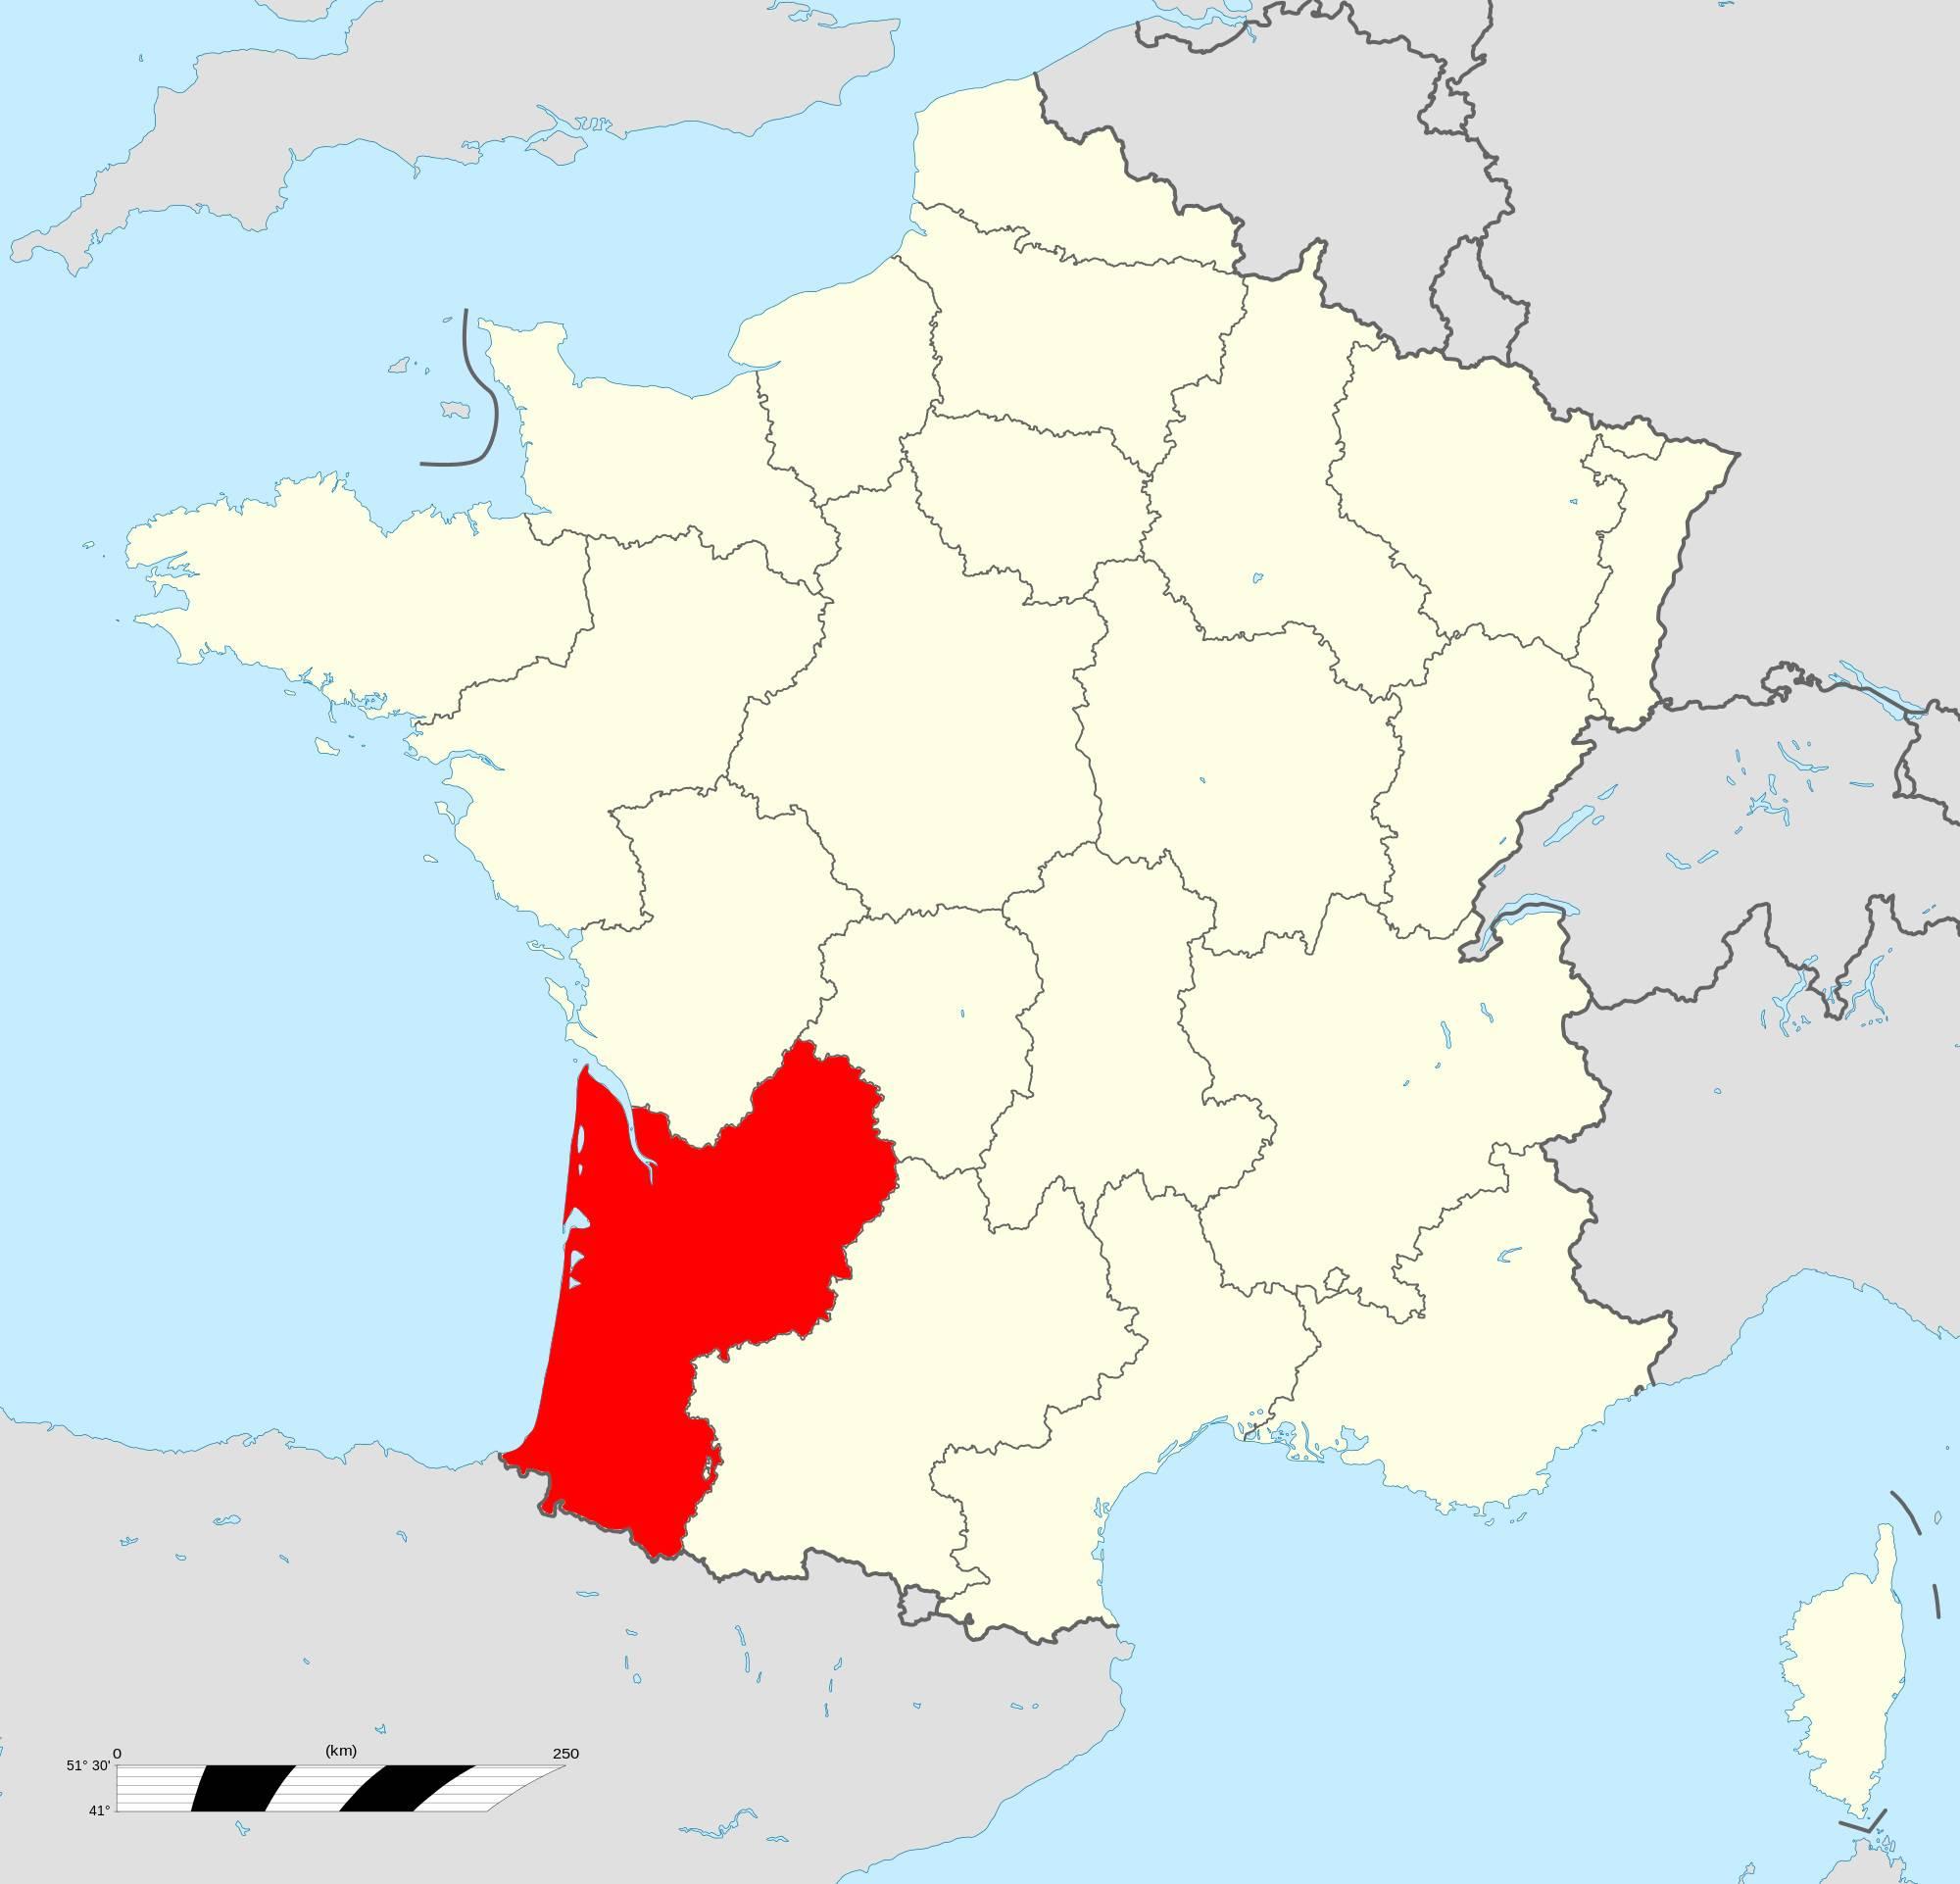 Où se trouve la région Aquitaine en France ?